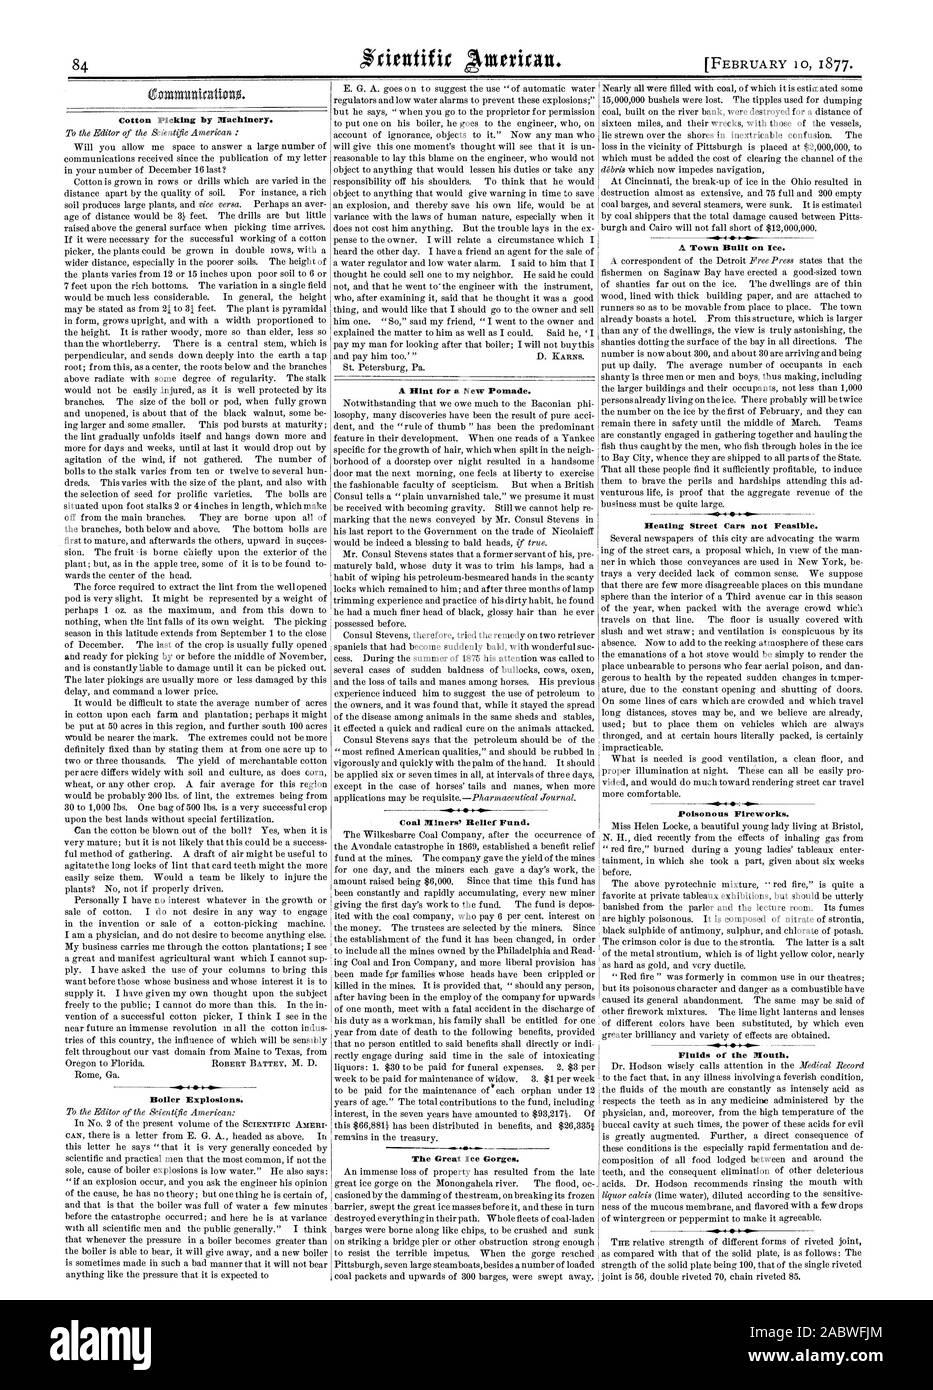 Recogiendo algodón por las máquinas. Explosiones de calderas. Una sugerencia para una nueva pomada. Fondo de Socorro de la minera de carbón. Los grandes desfiladeros de hielo. .0 40. Una ciudad construida sobre el hielo. Calefacción coches de calle no sea viable. Fireworks venenosos. Los fluidos de la boca., Scientific American, 1877-02-10 Foto de stock